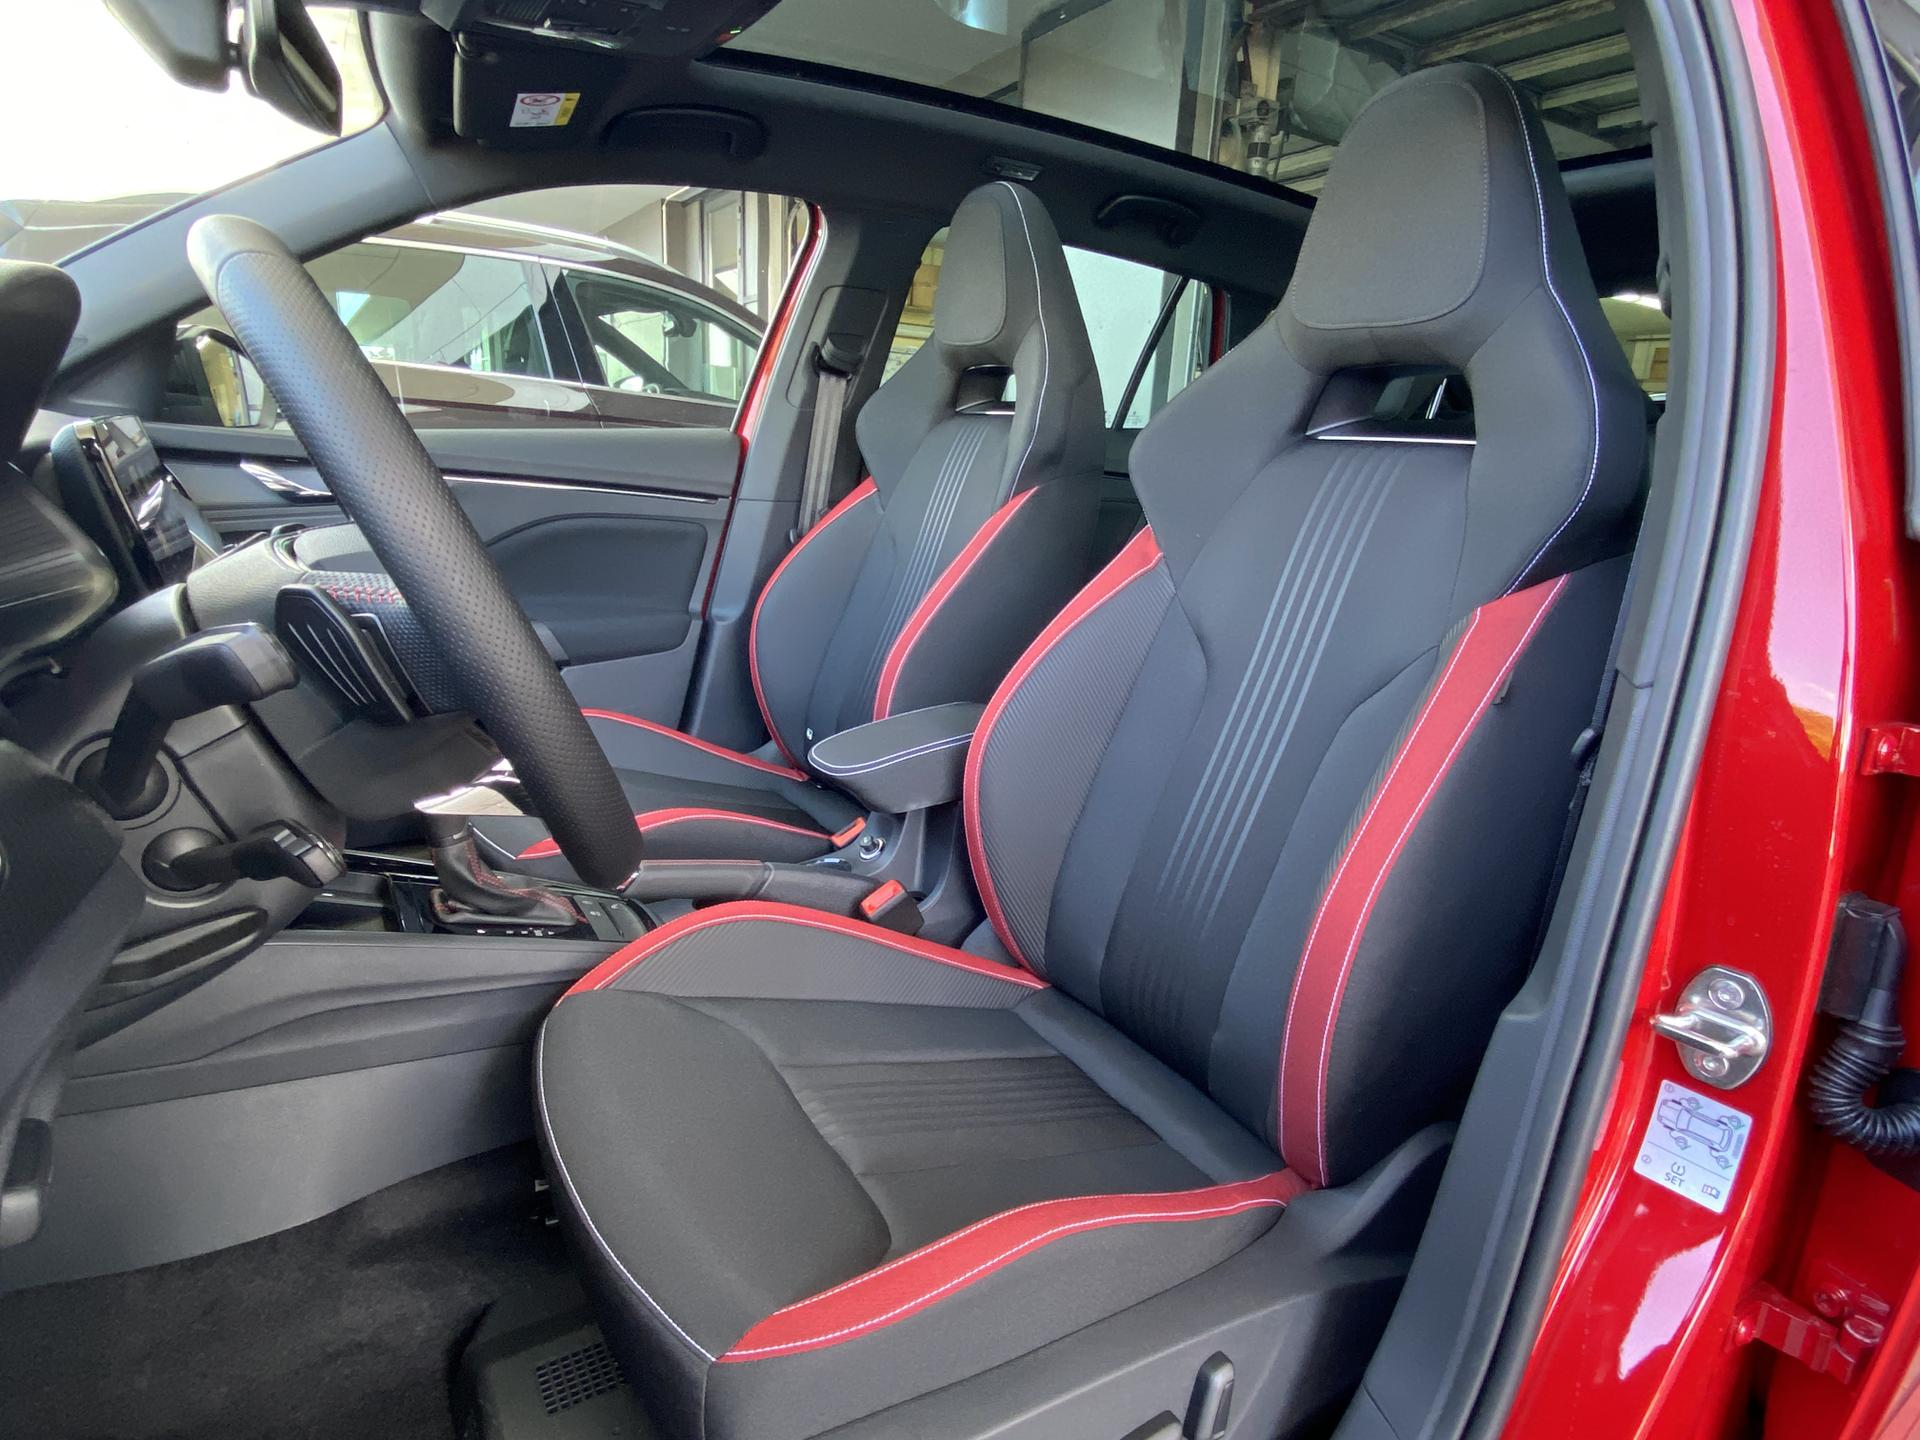 Skoda Scala Fahrersitz